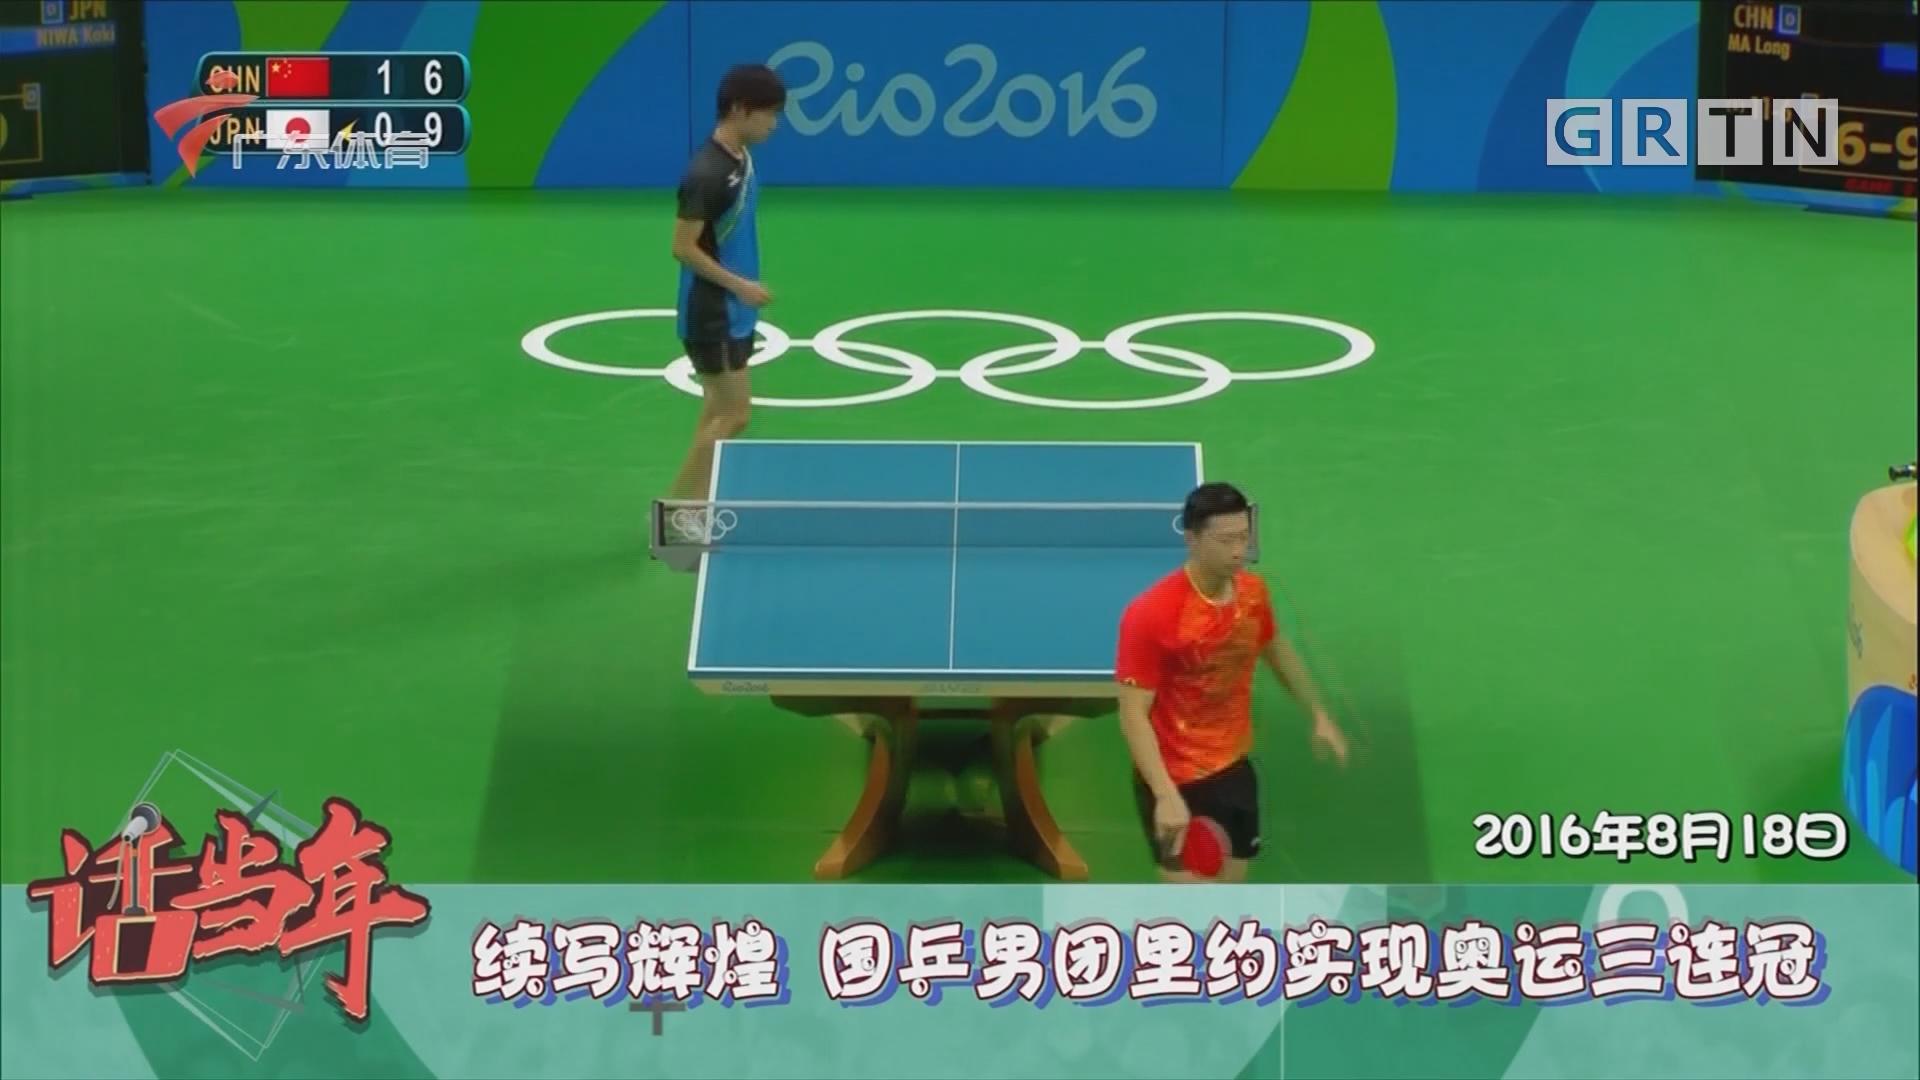 續寫輝煌 國乒男團里約實現奧運三連冠